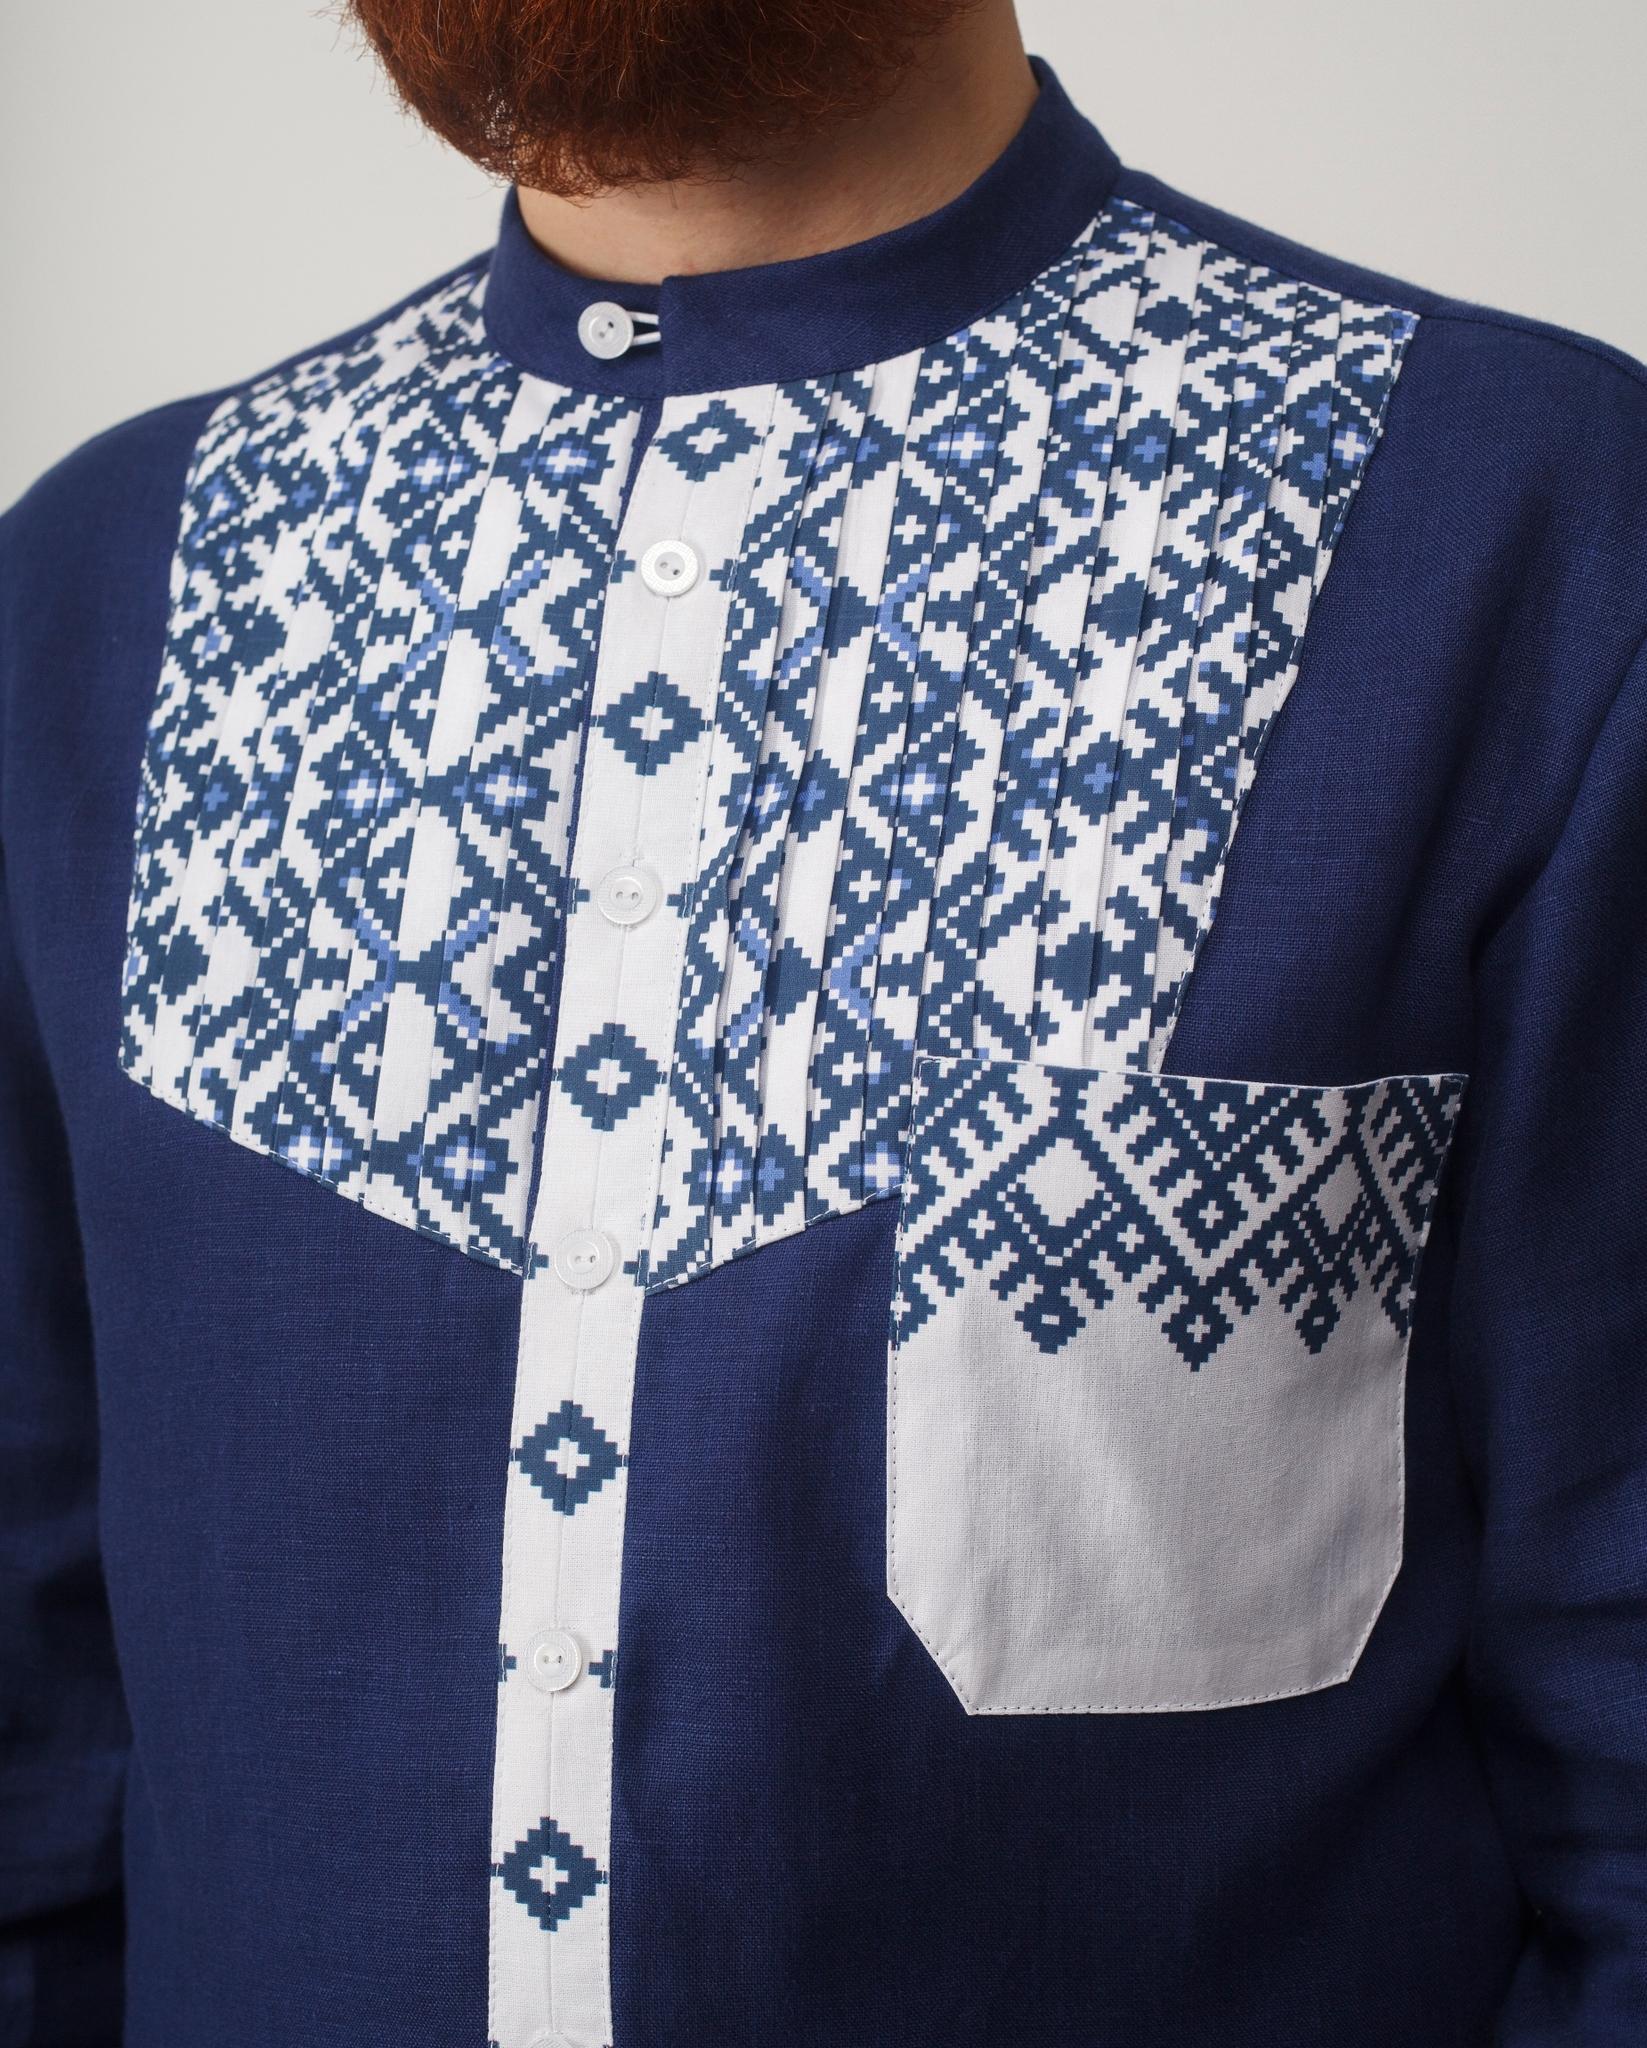 Мужская рубашка Приморская Приближенный фрагмент